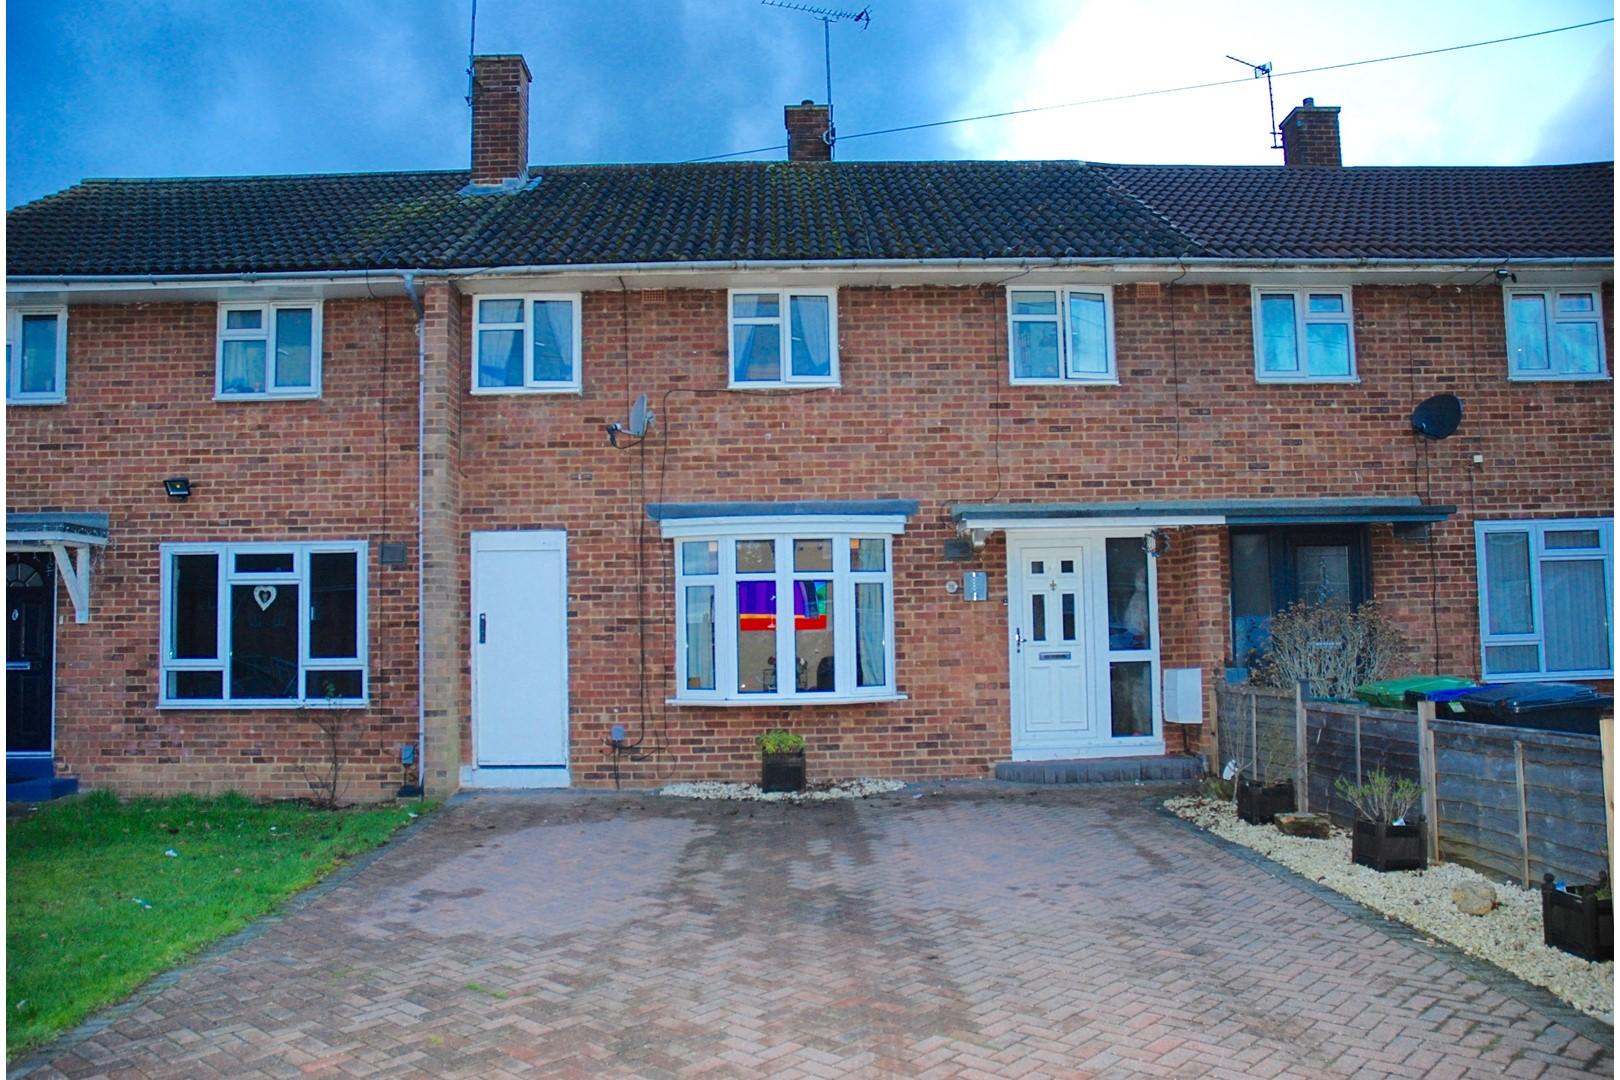 3 bedroom terraced house for sale, Briery Way, Hemel Hempstead HP ...